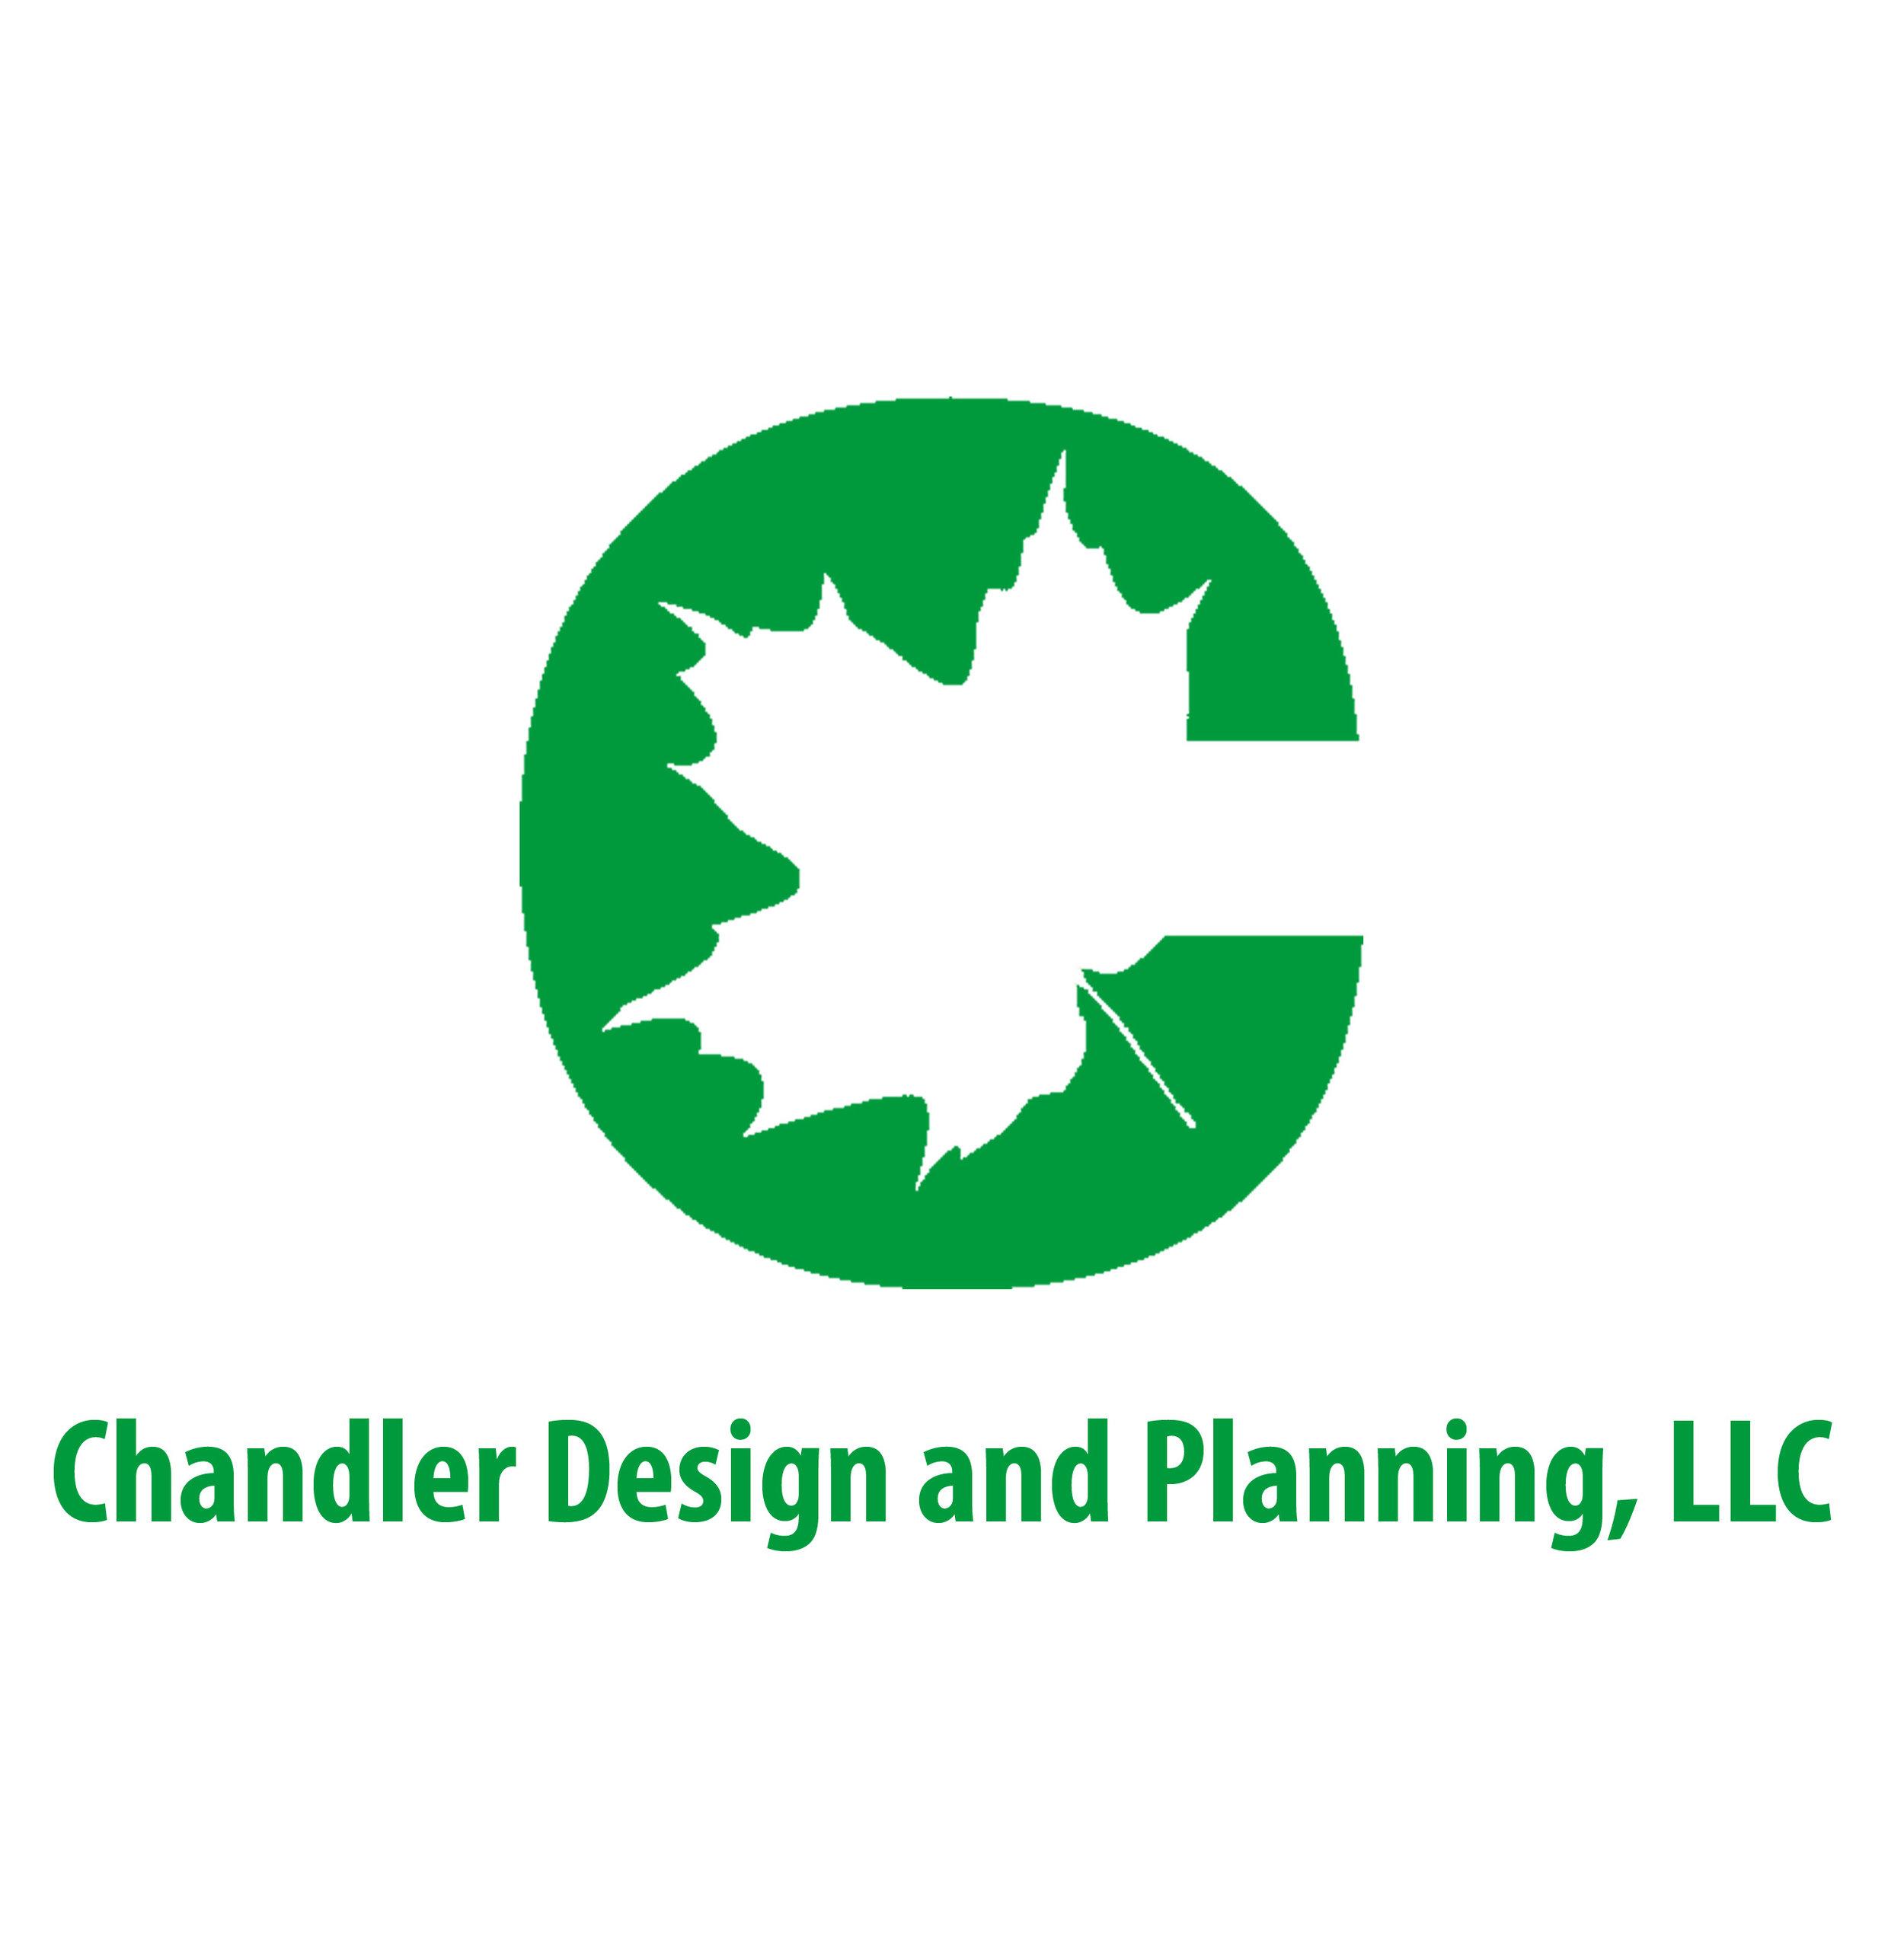 Chandler Design & Planning